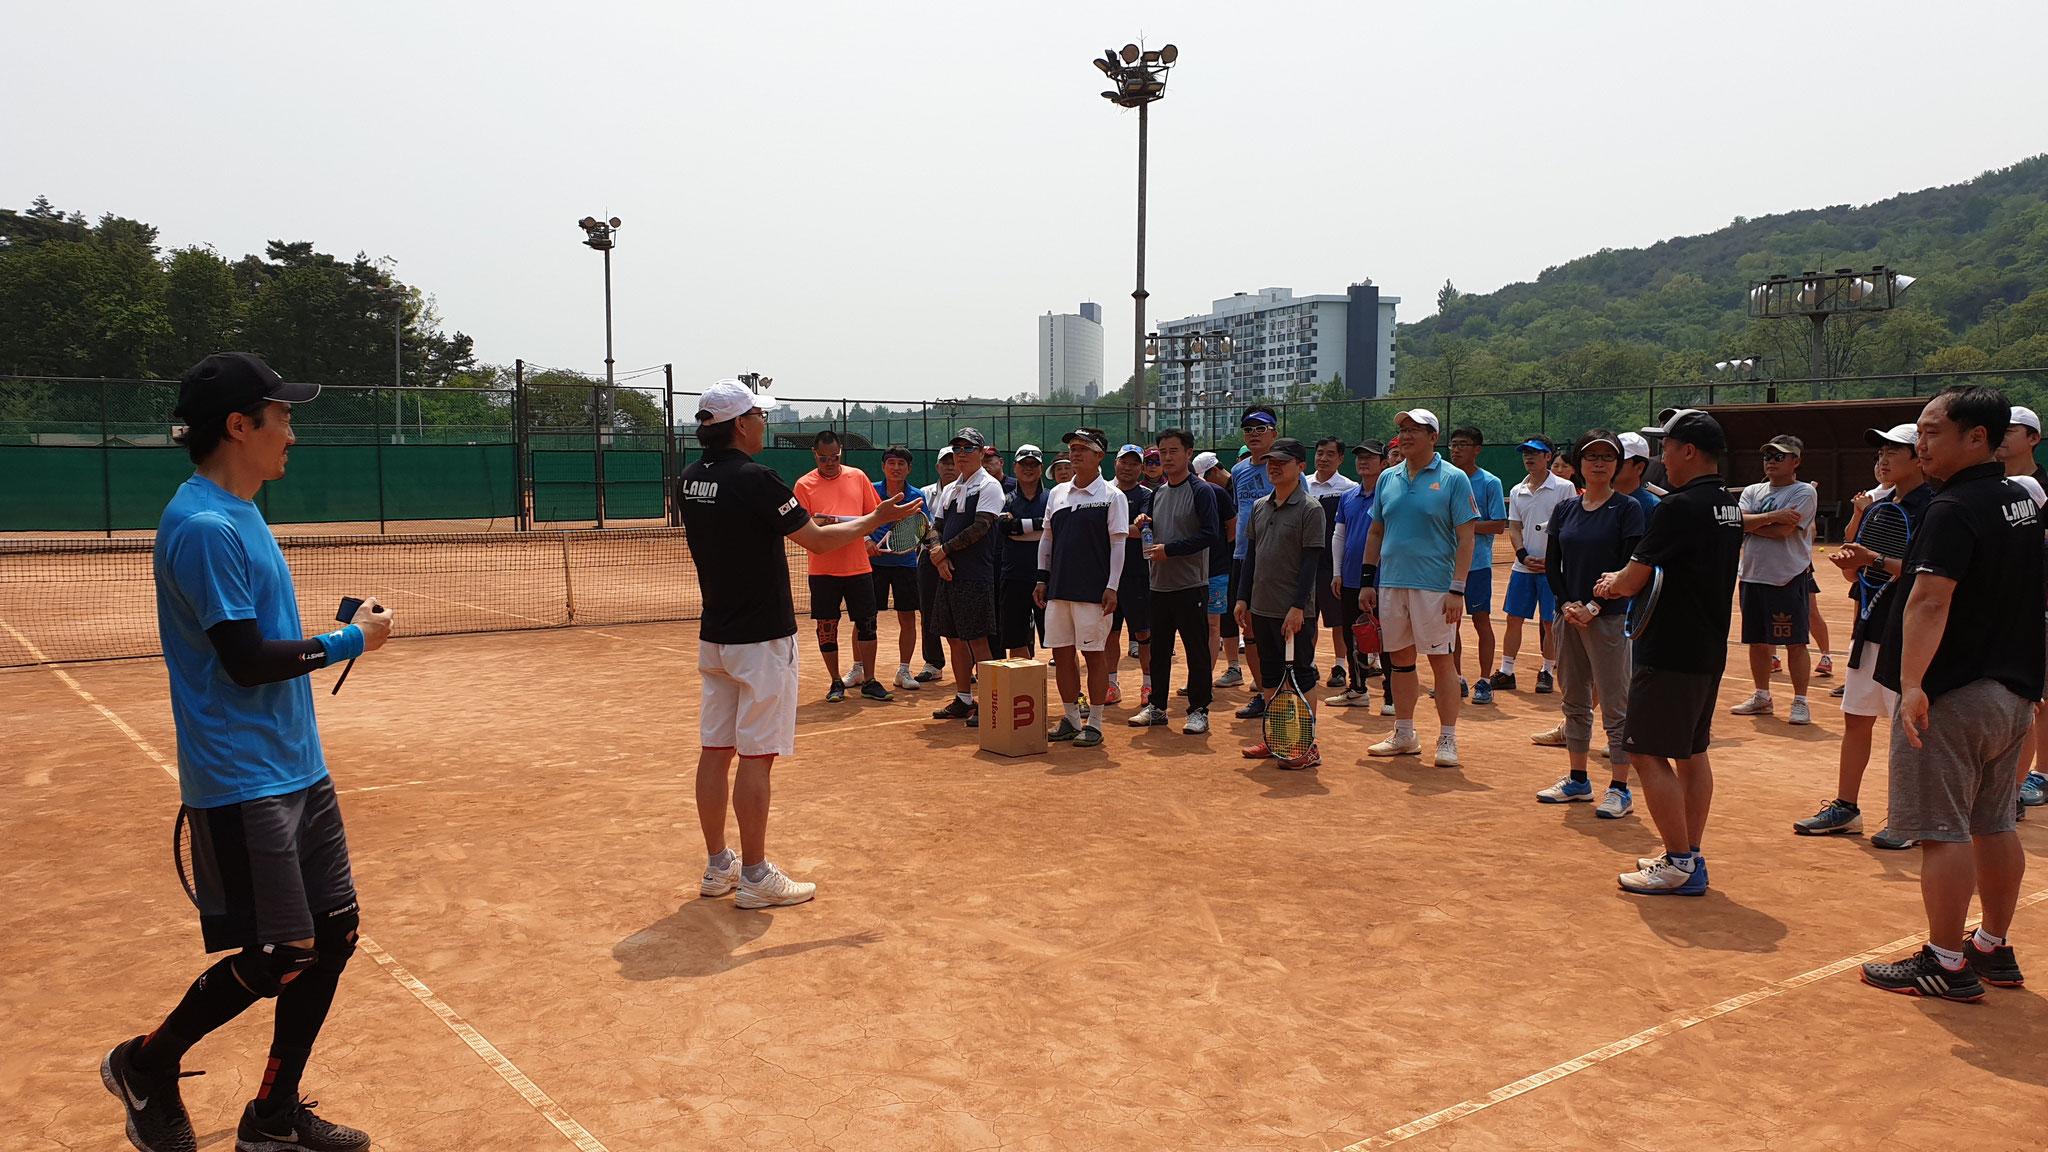 韓国の3つのテニスクラブ(河南・盤浦・0-40)との交流戦 in 2019年5月12日(日)